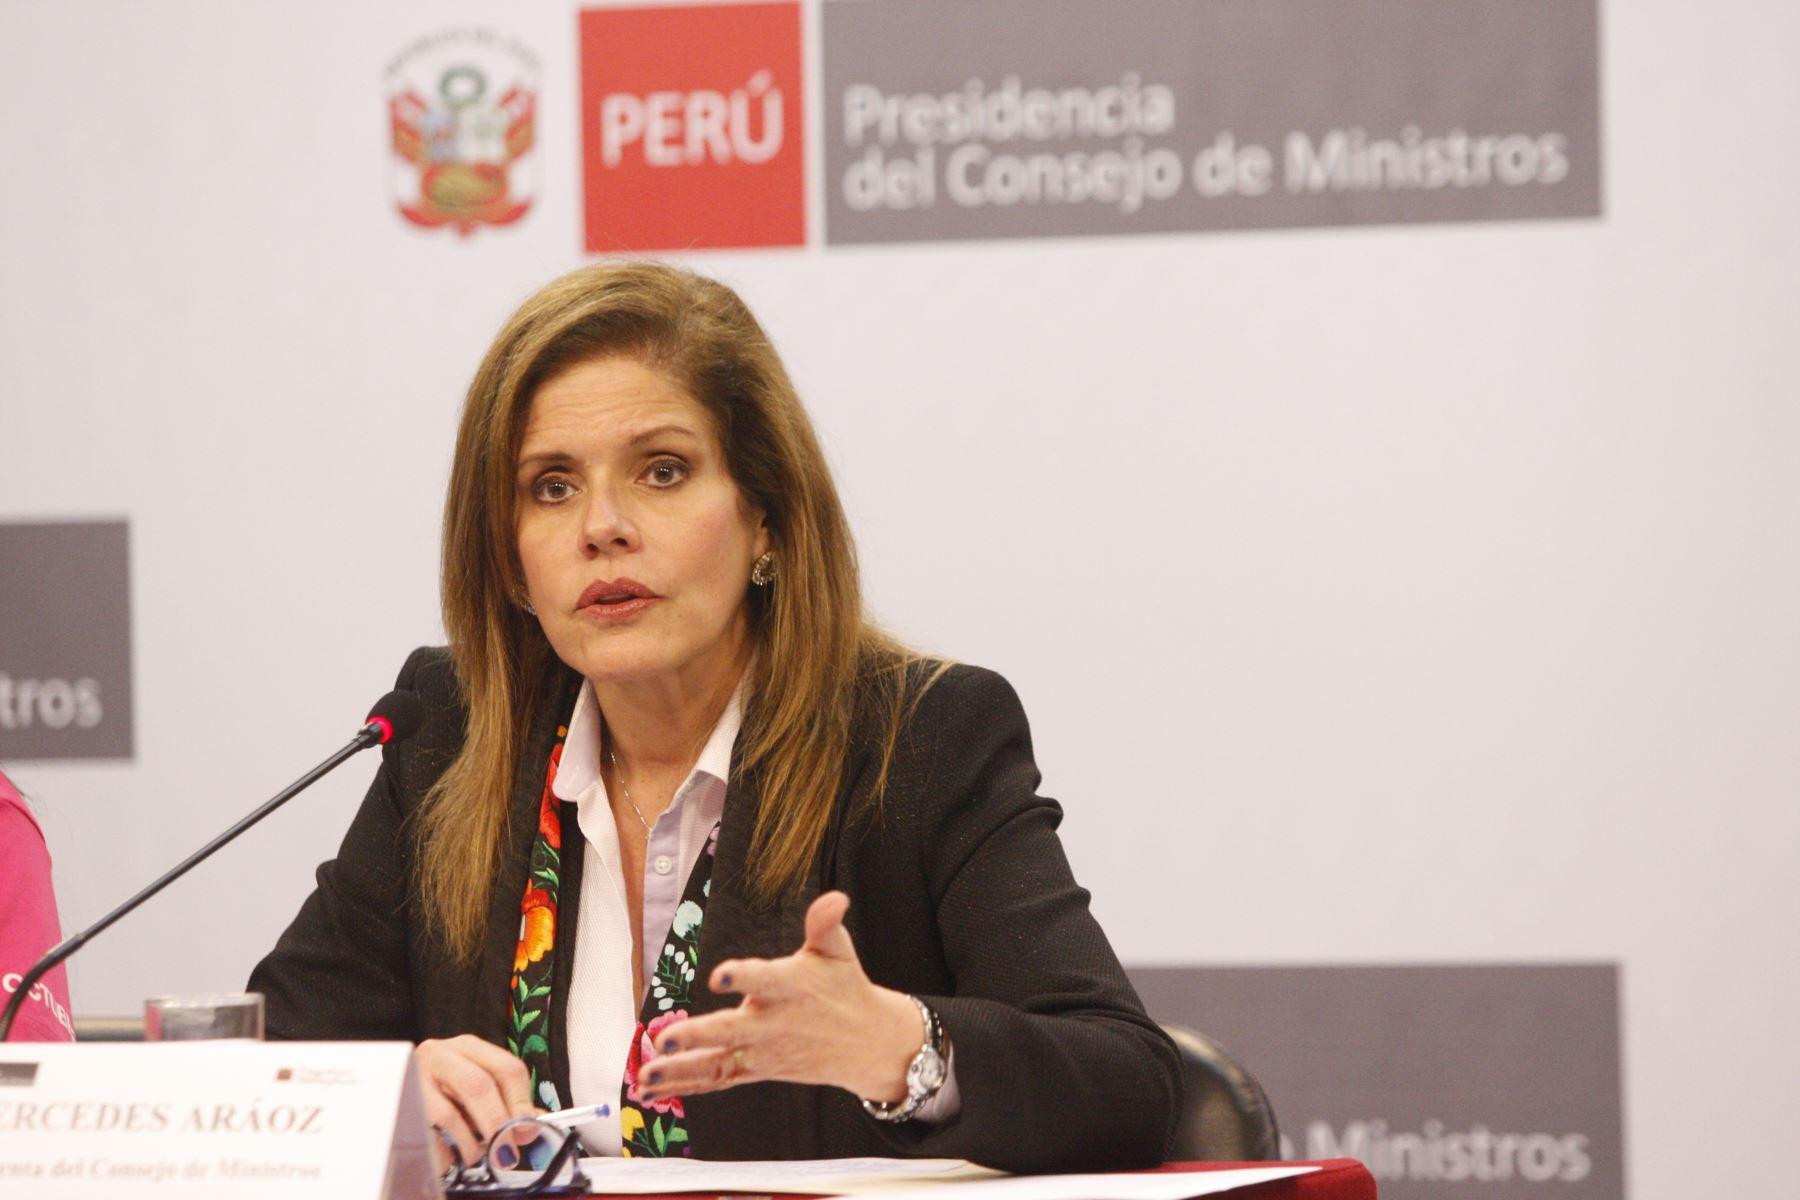 Mercedes Aráoz, presidenta del Consejo de Ministros. Foto: ANDINA/Eddy Ramos